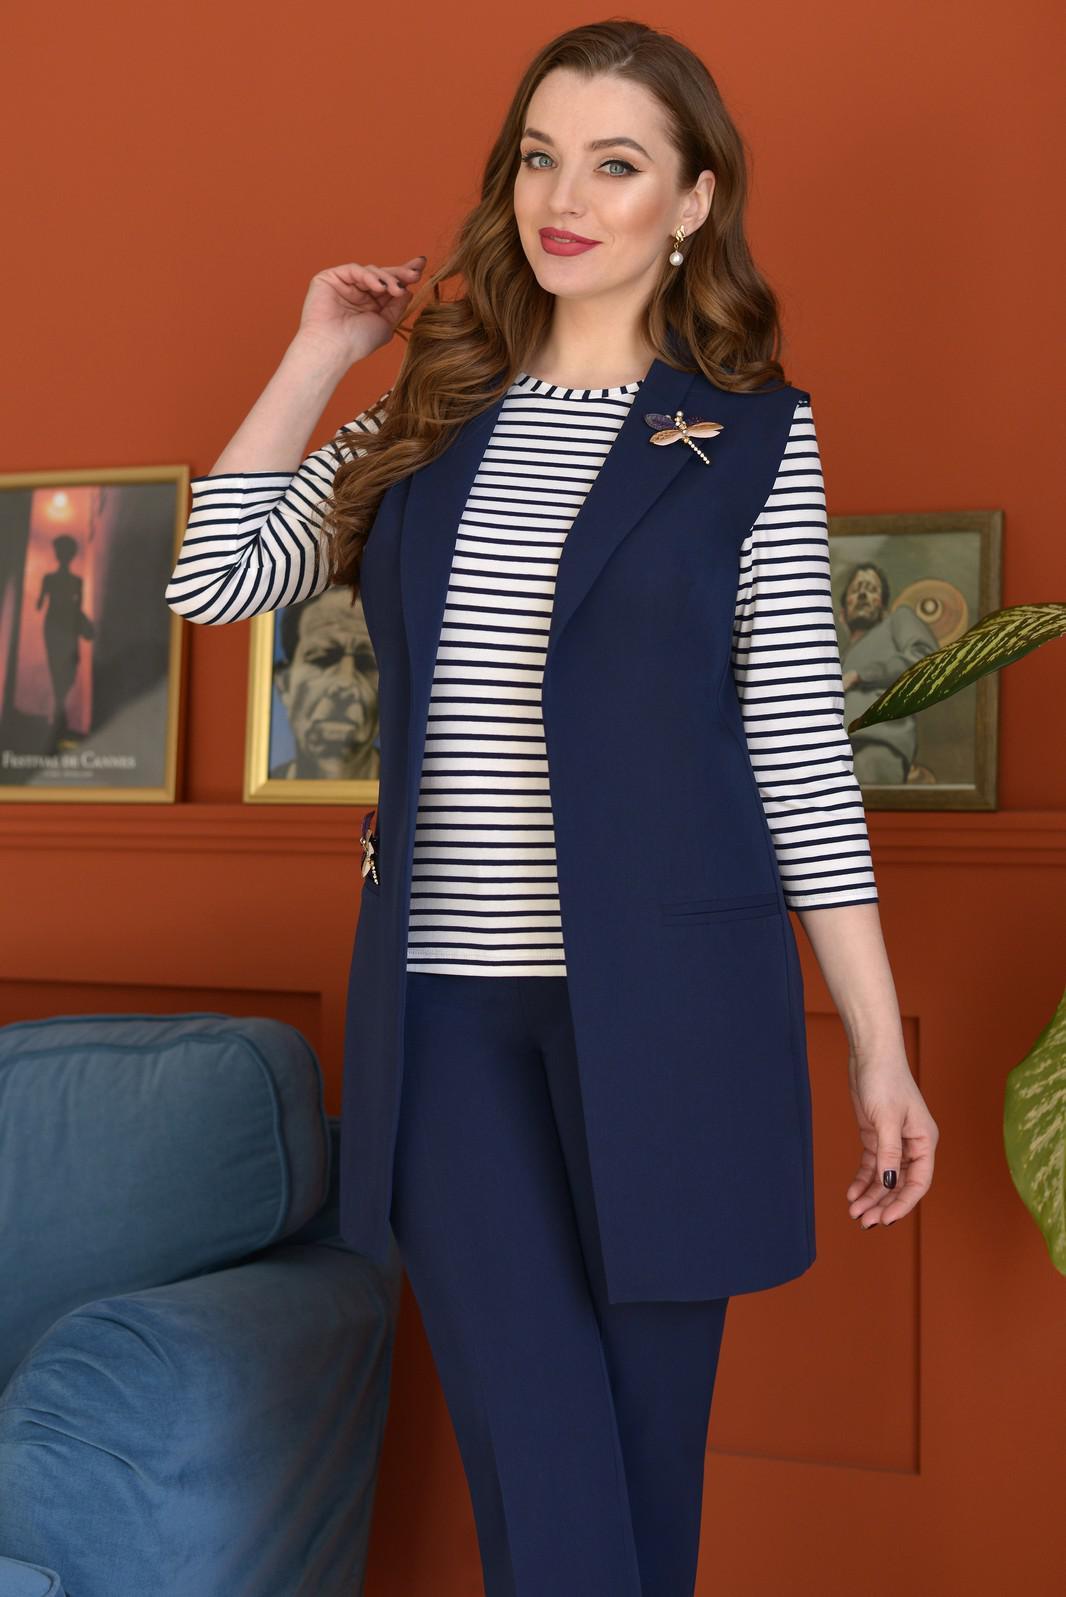 Купить женский брючный костюм в Минске. Белорусские брючные костюмы 948d1835307e1